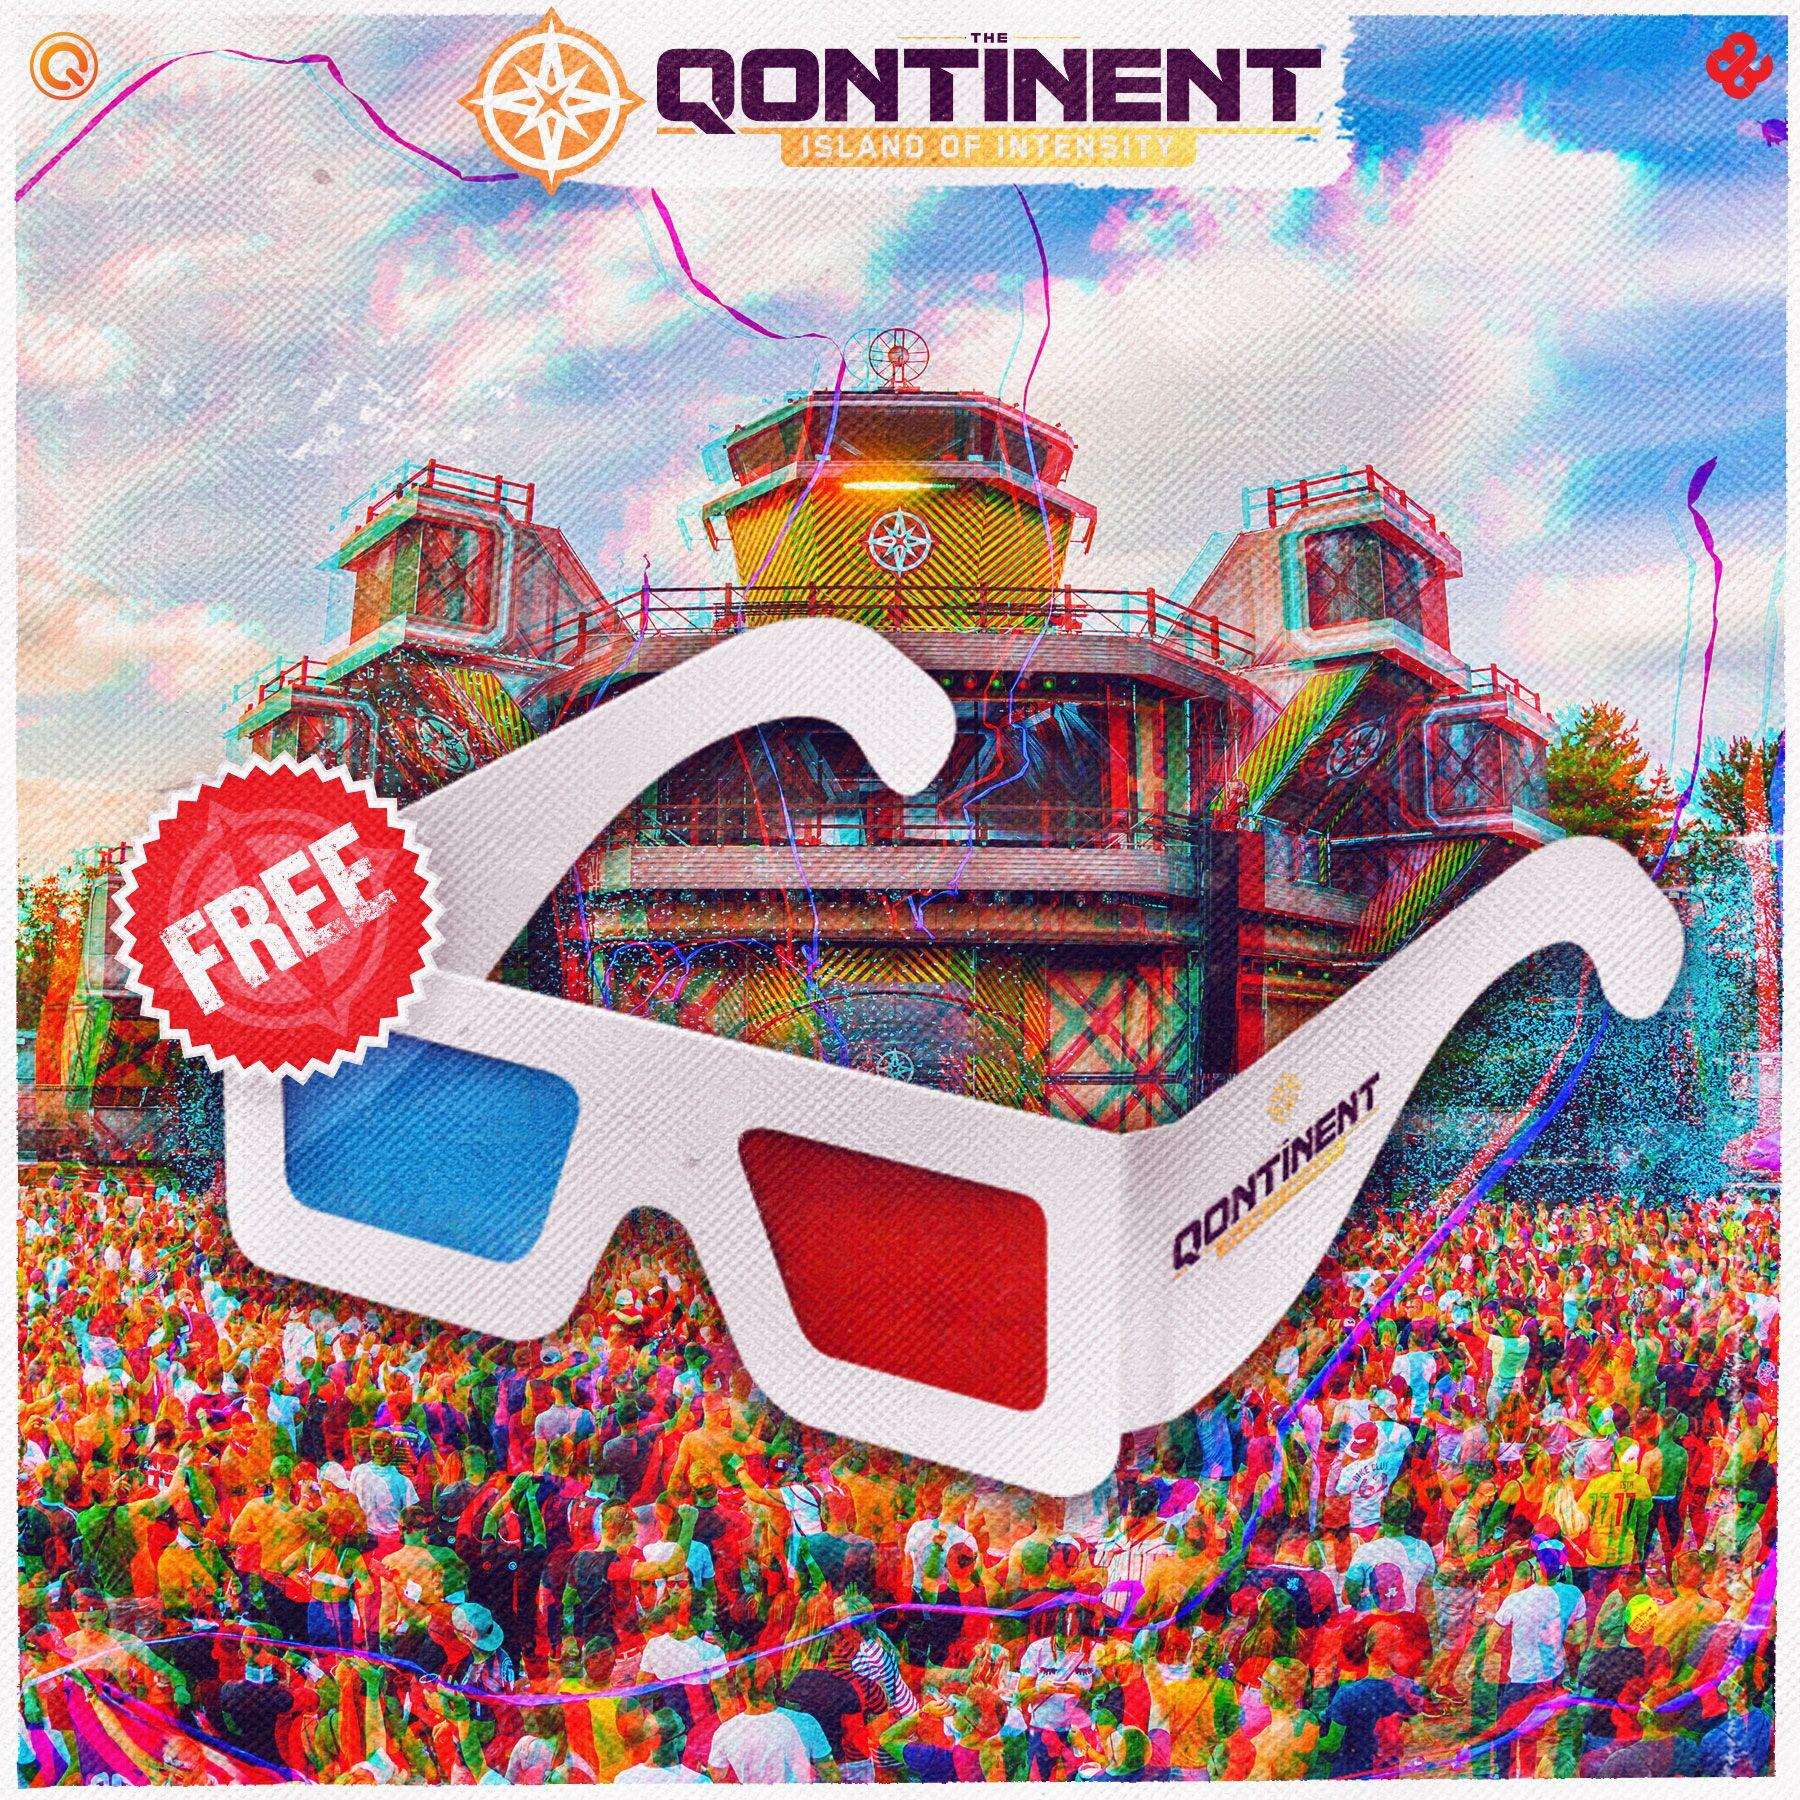 The Qontinent 3d